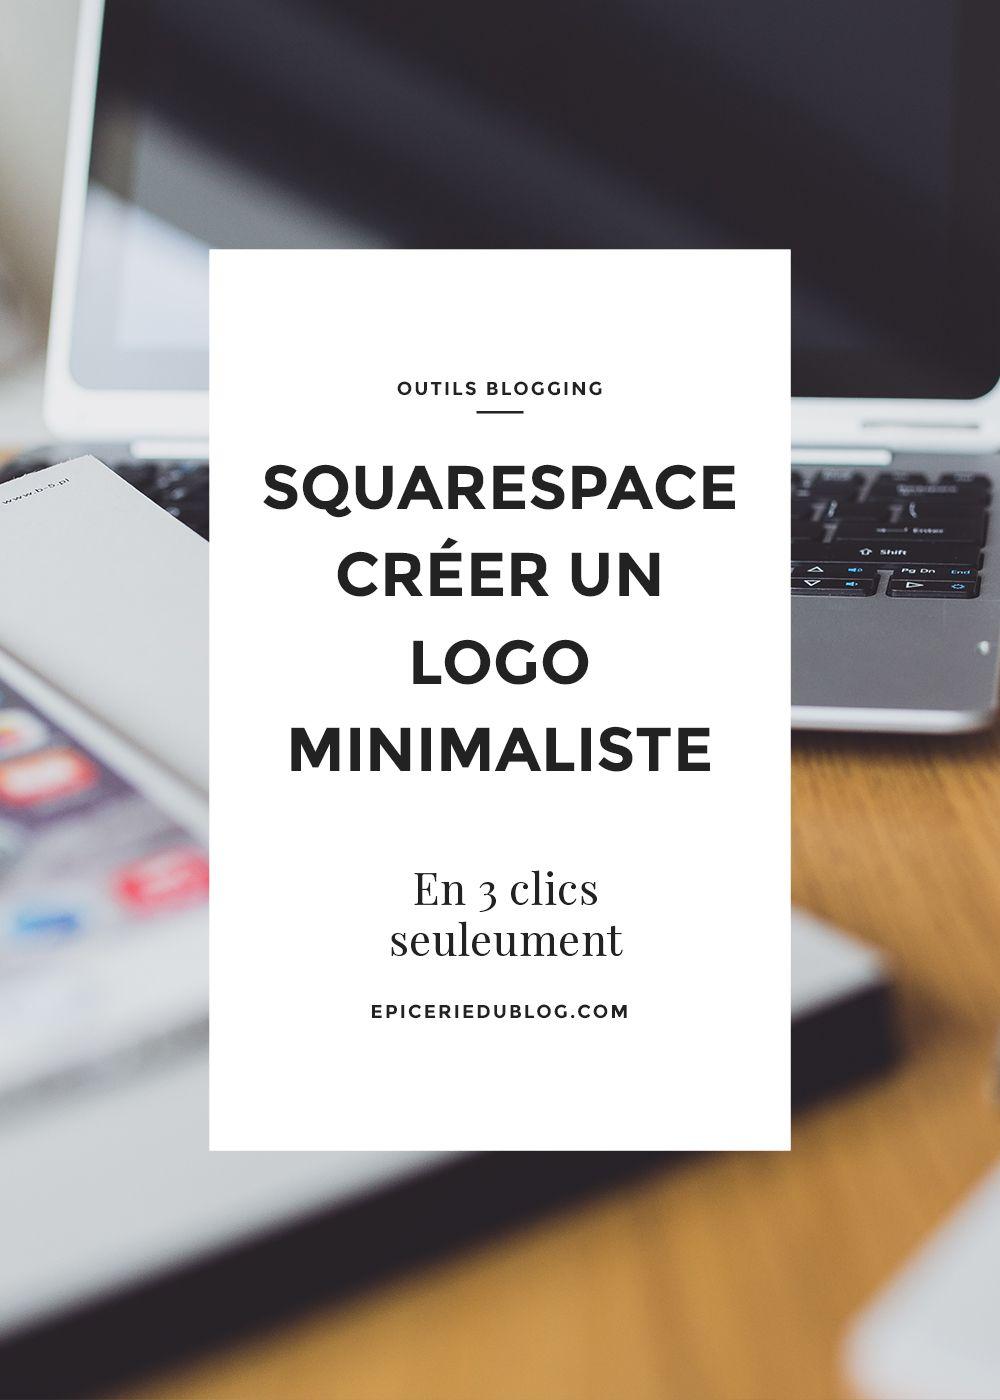 cr u00e9er un logo minimaliste avec squarespace  c u0026 39 est facile  rapide et gratuit  cr u00e9ez votre logo